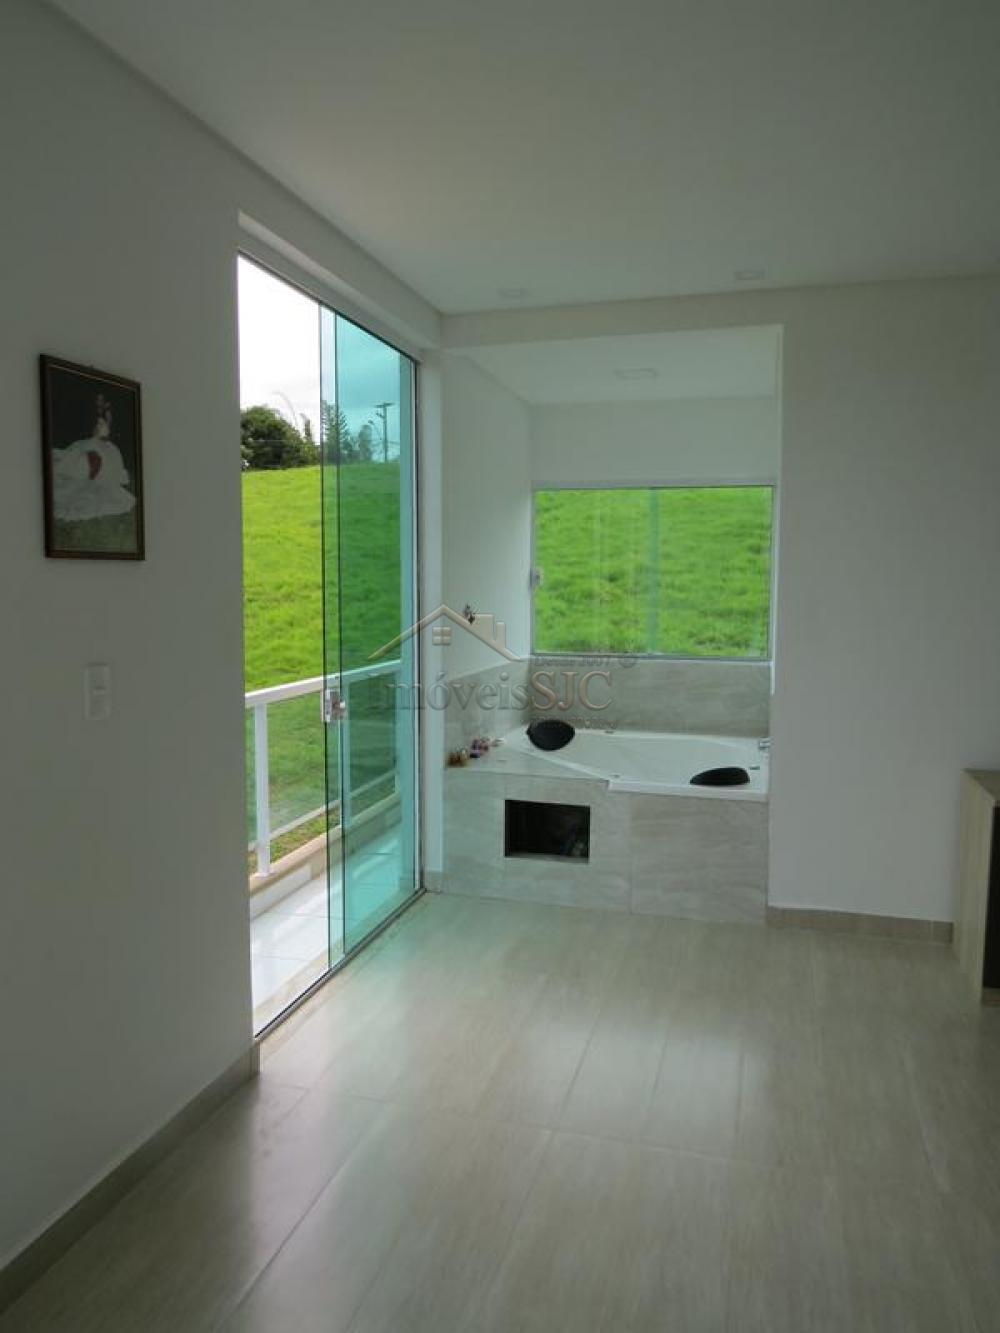 Comprar Casas / Condomínio em Paraibuna apenas R$ 1.250.000,00 - Foto 10